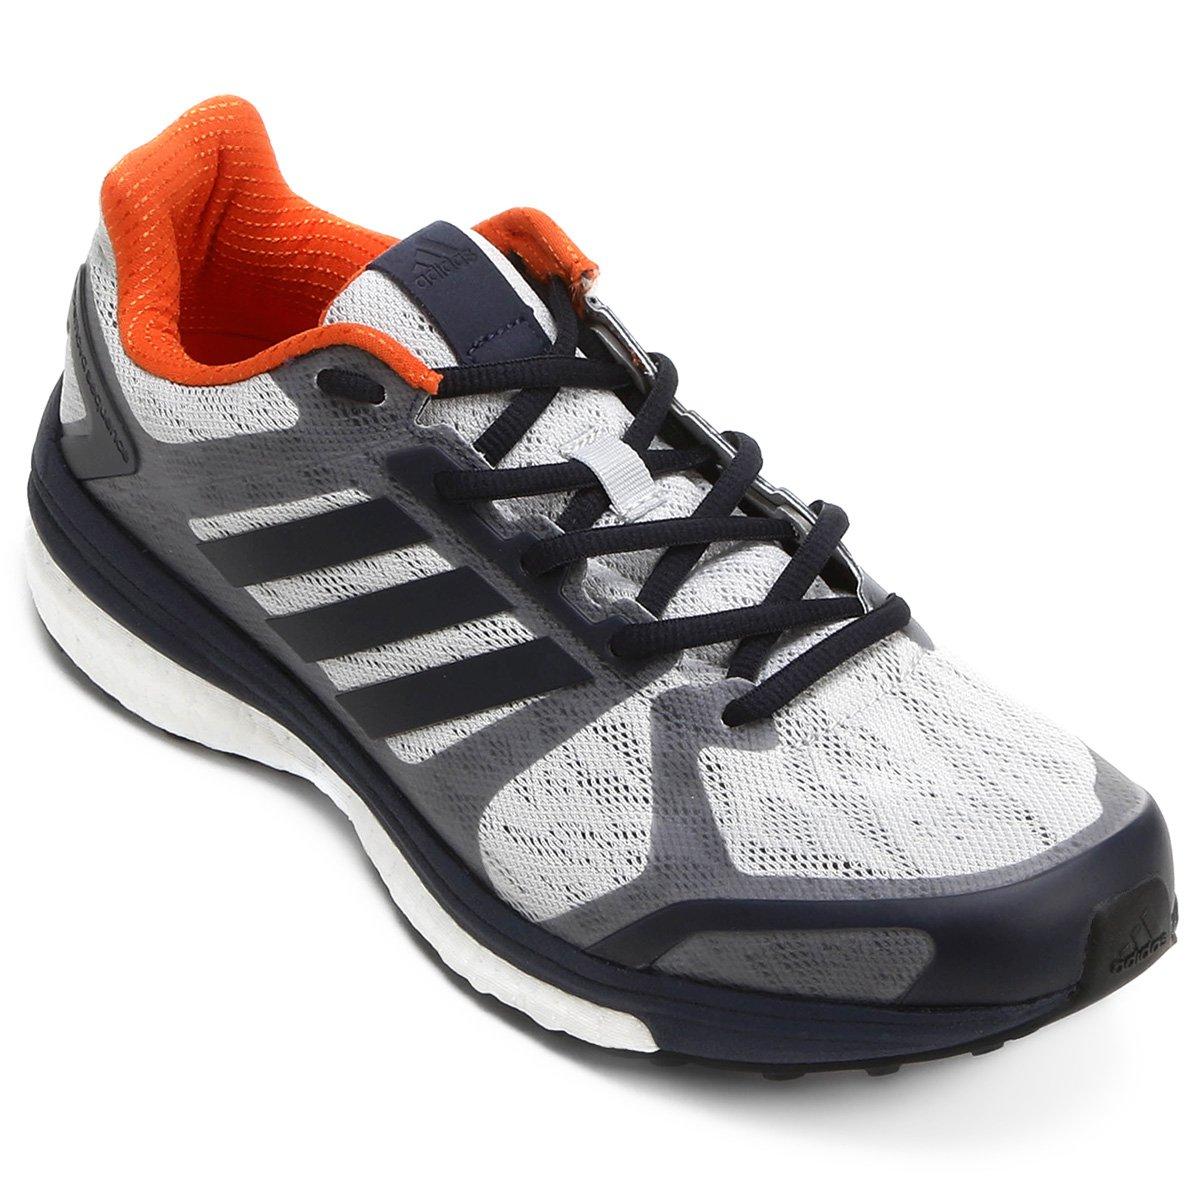 Tênis Adidas Sequence Boost Masculino - Compre Agora  869e665eeb231